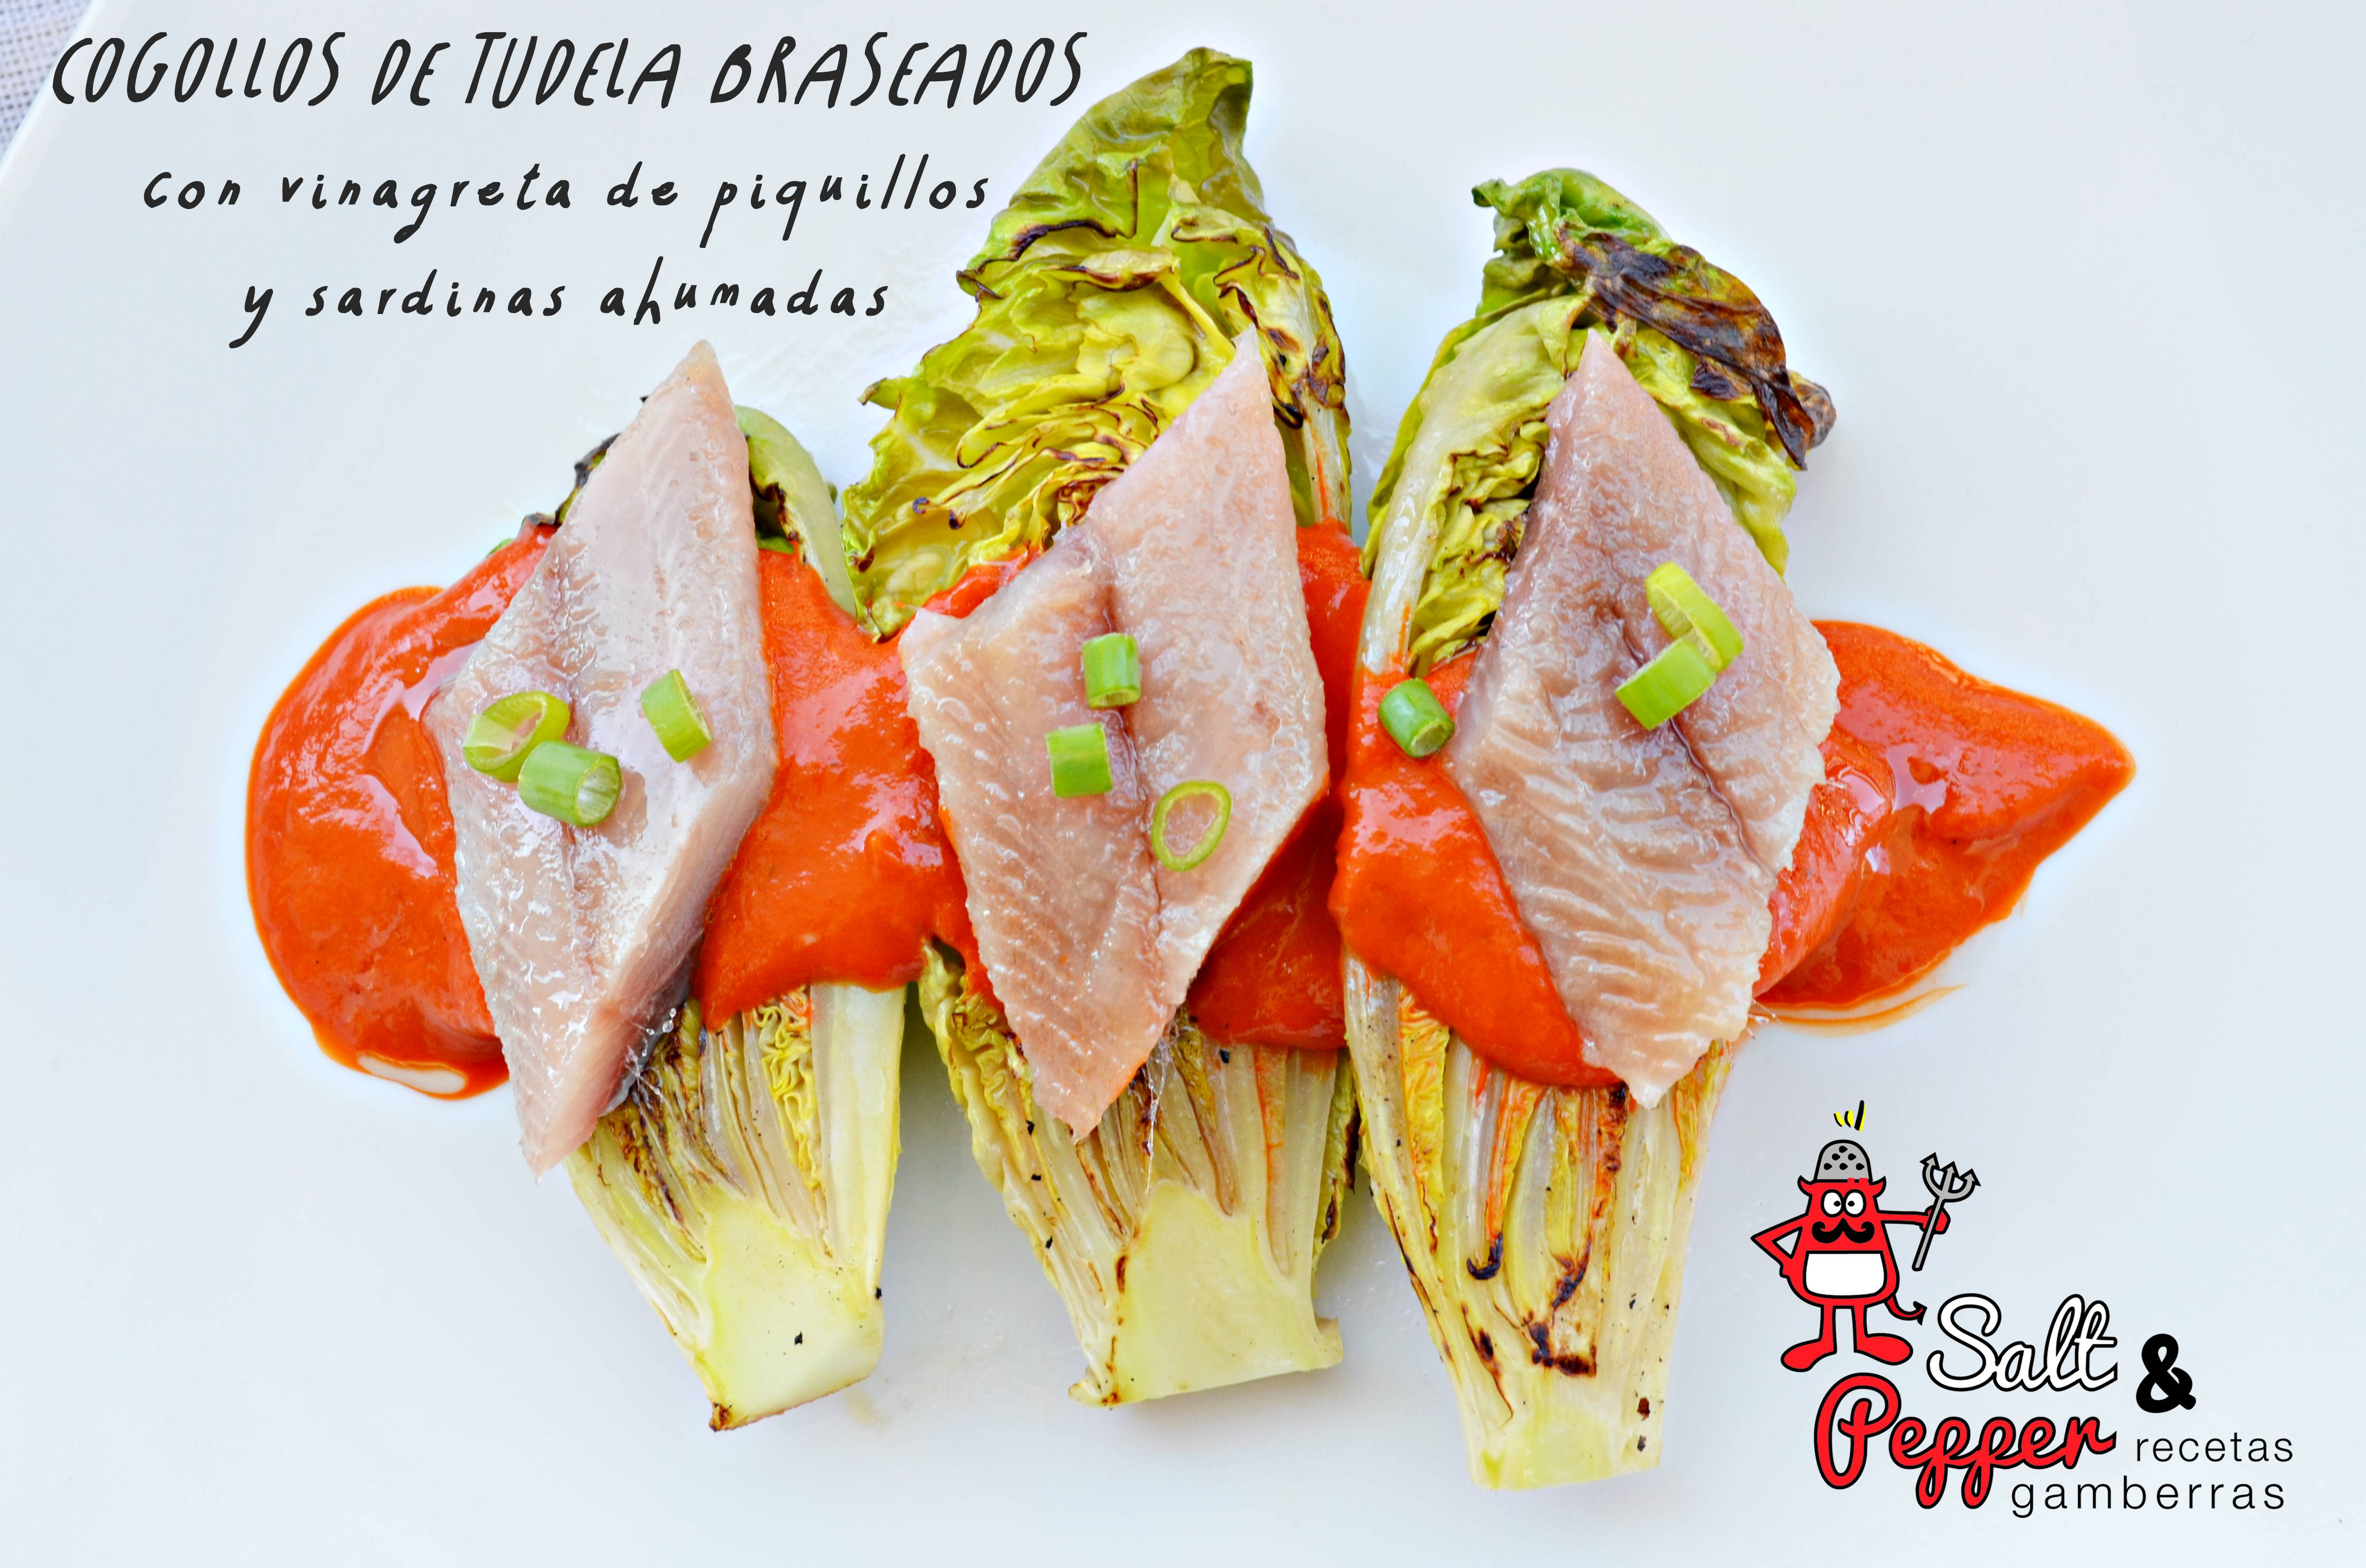 Platos de cogollos de Tudela braseados, cubiertos por una vinagreta de pimientos del piquillo y terminados con una sardina ahumada.